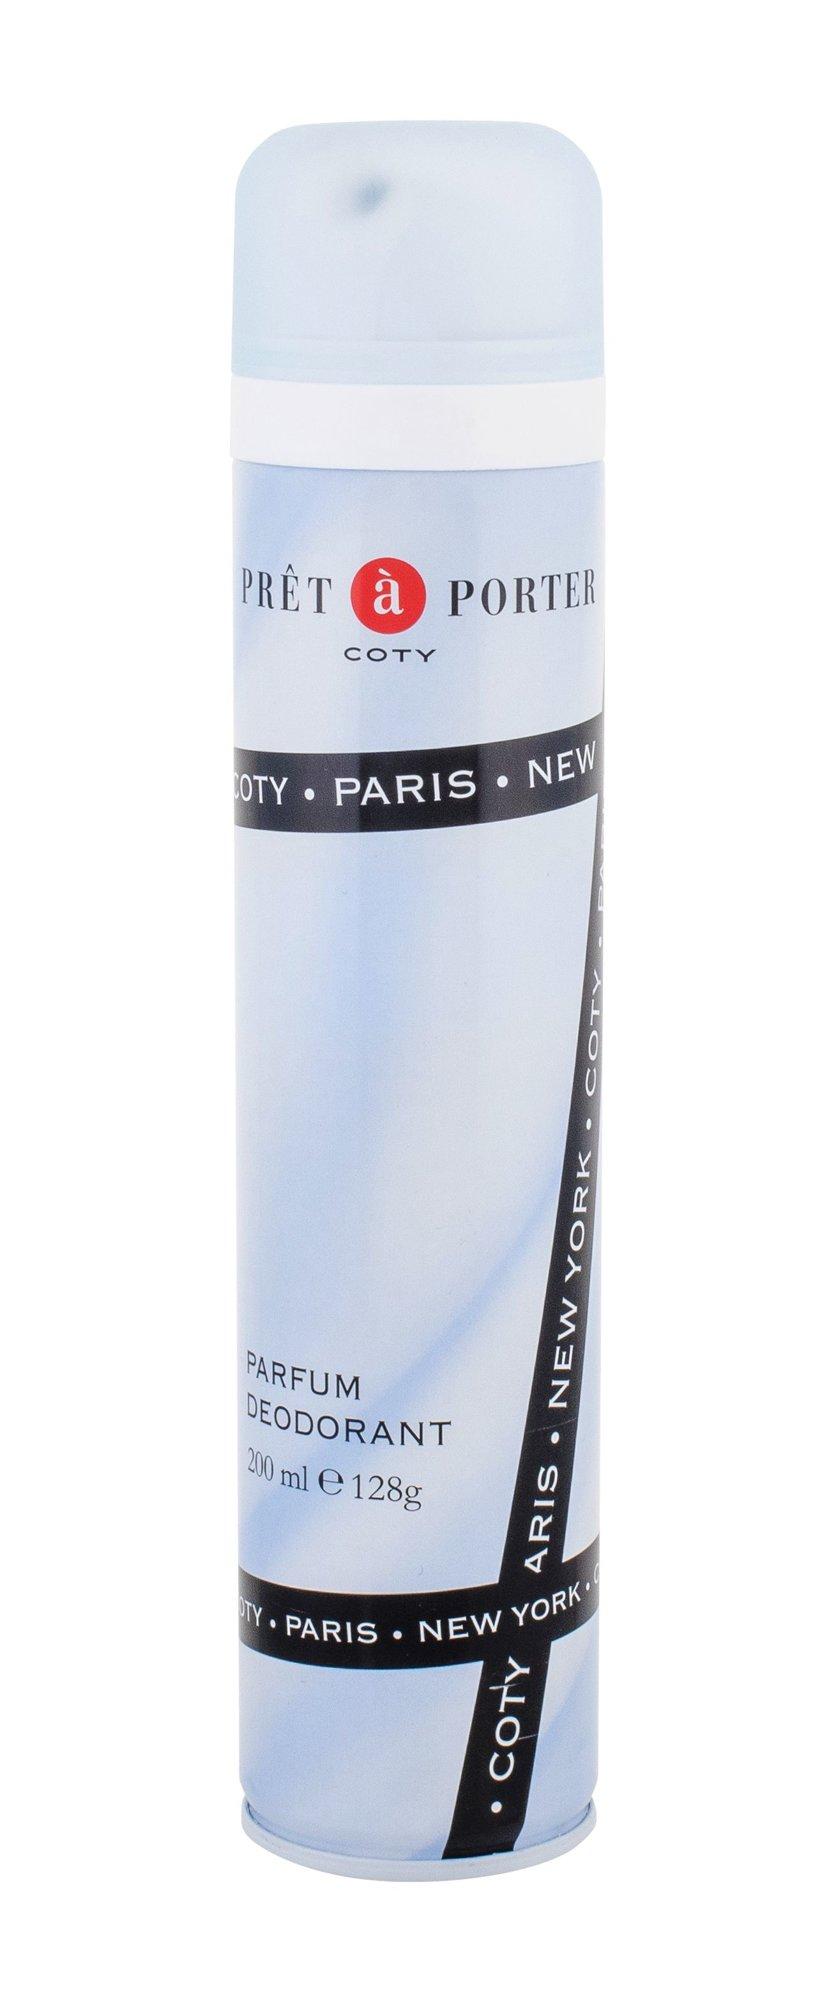 Pret Á Porter Original Deodorant 200ml